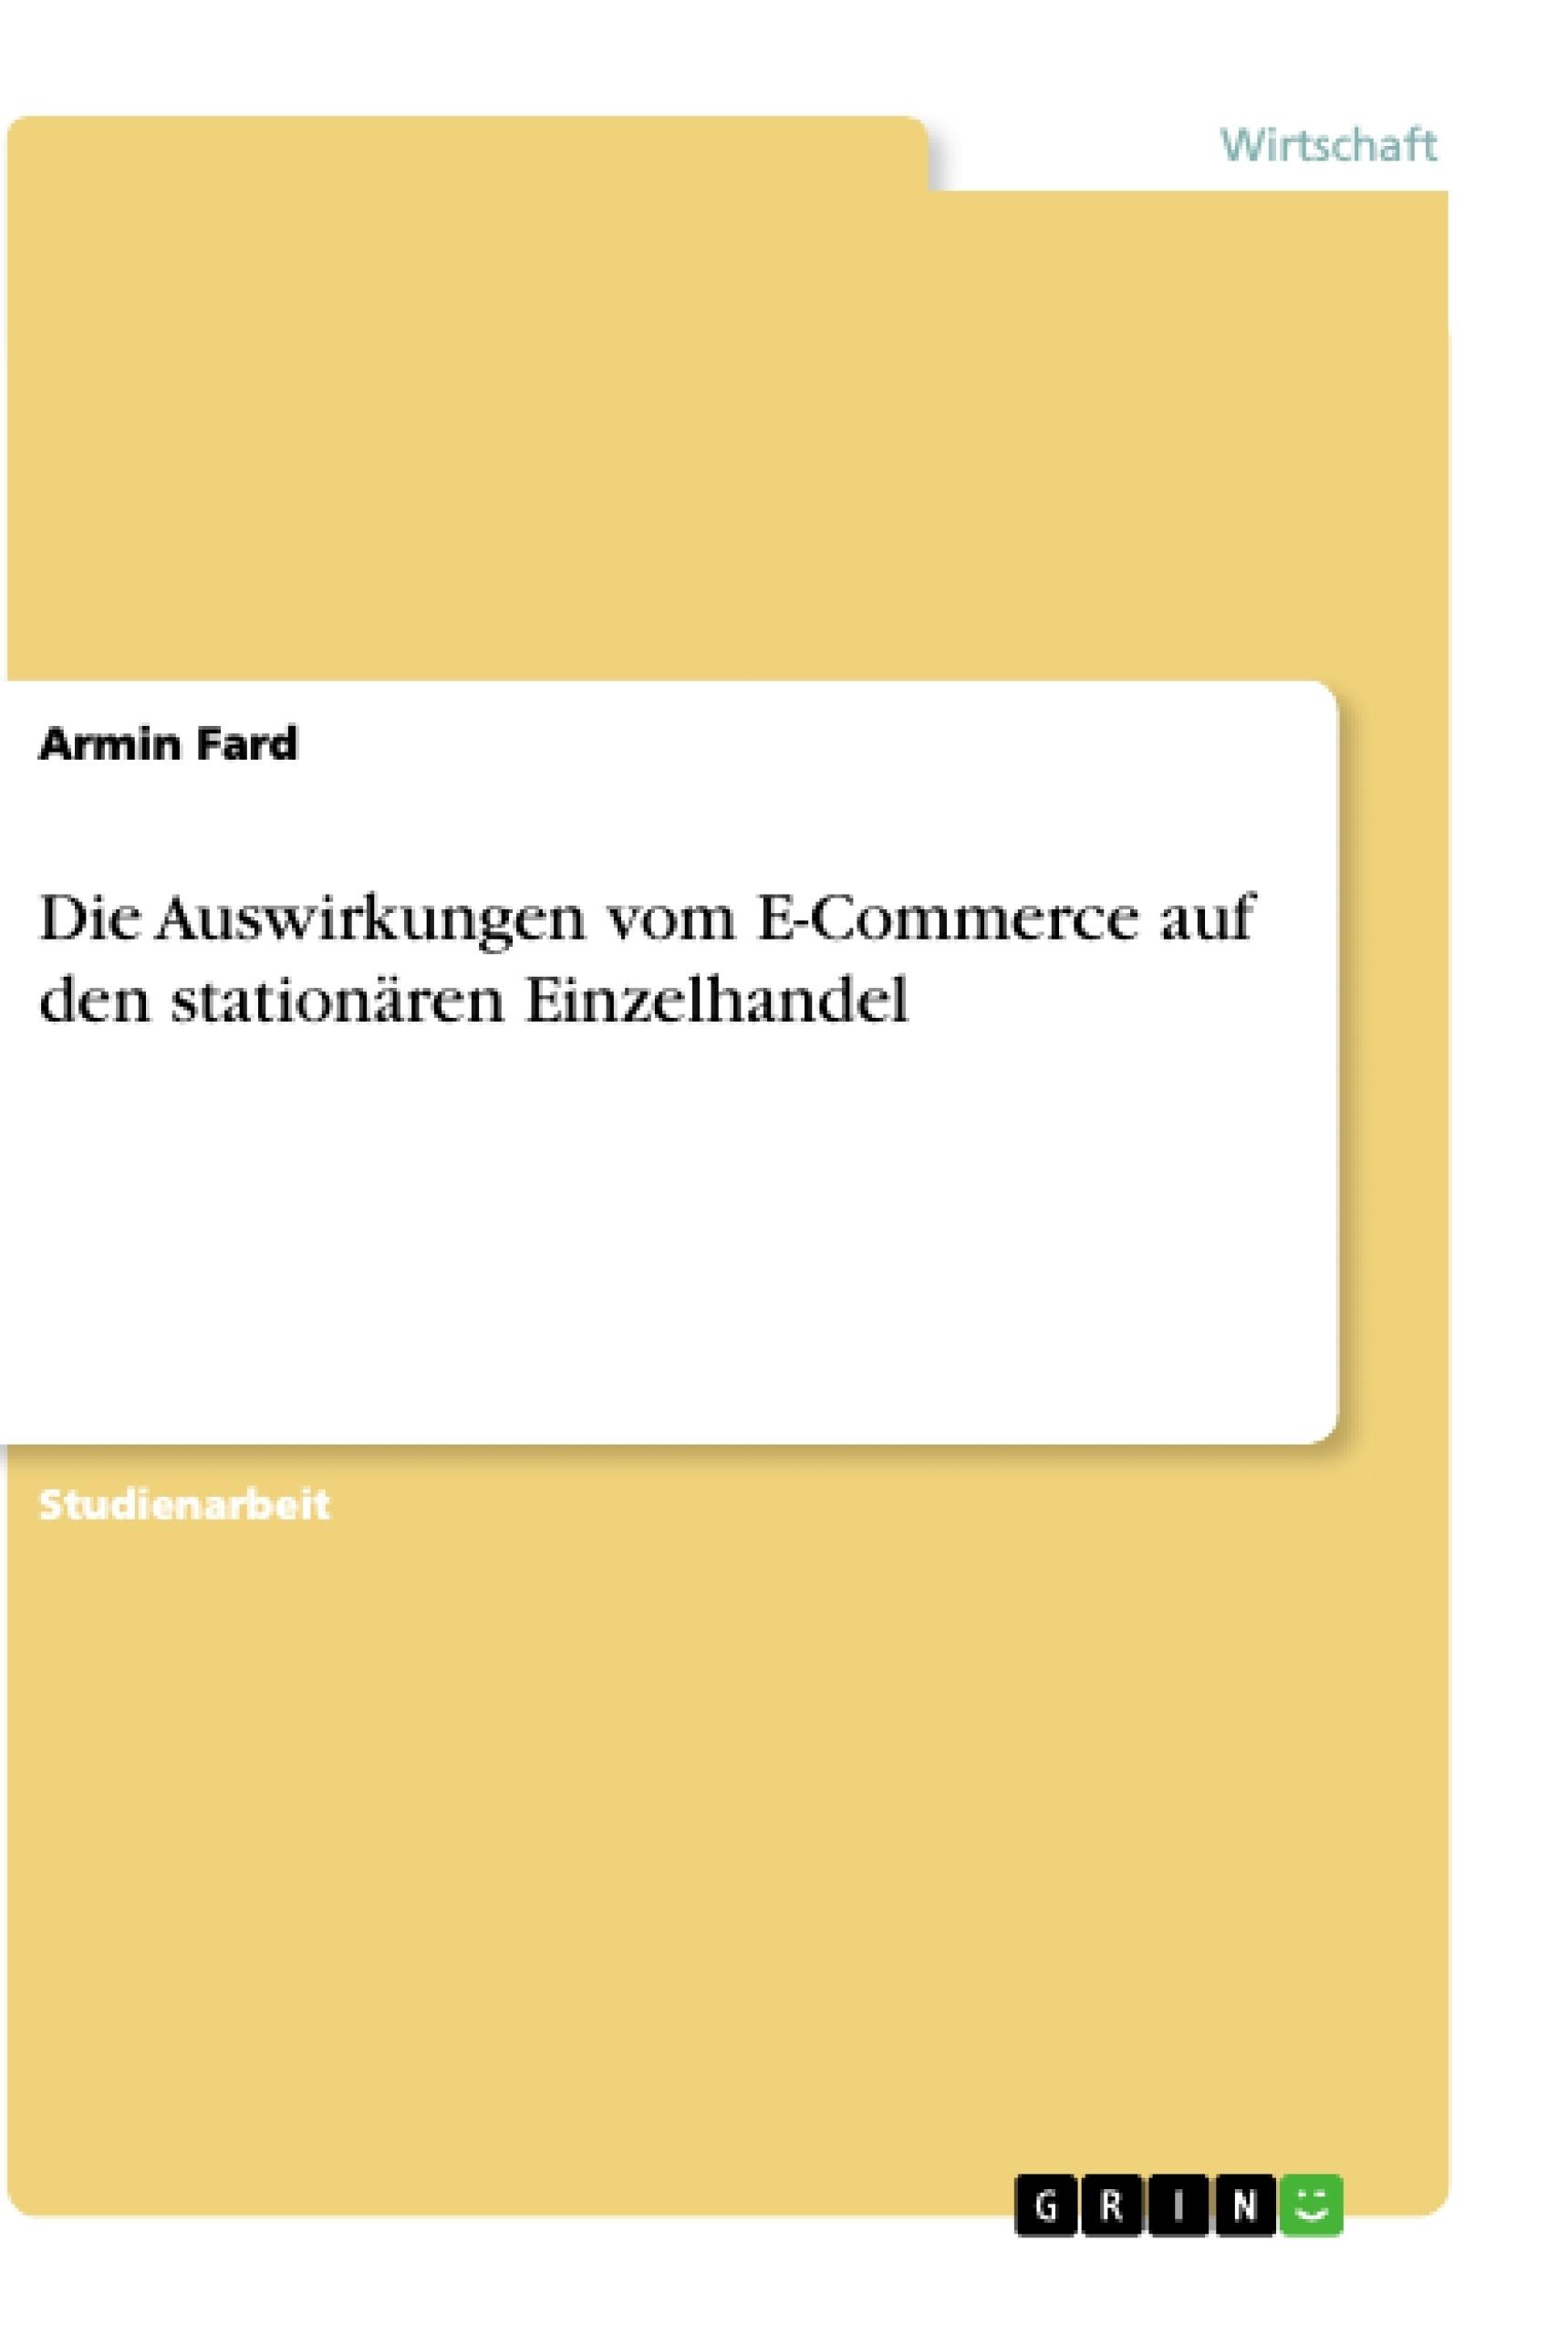 Titel: Die Auswirkungen vom E-Commerce auf den stationären Einzelhandel